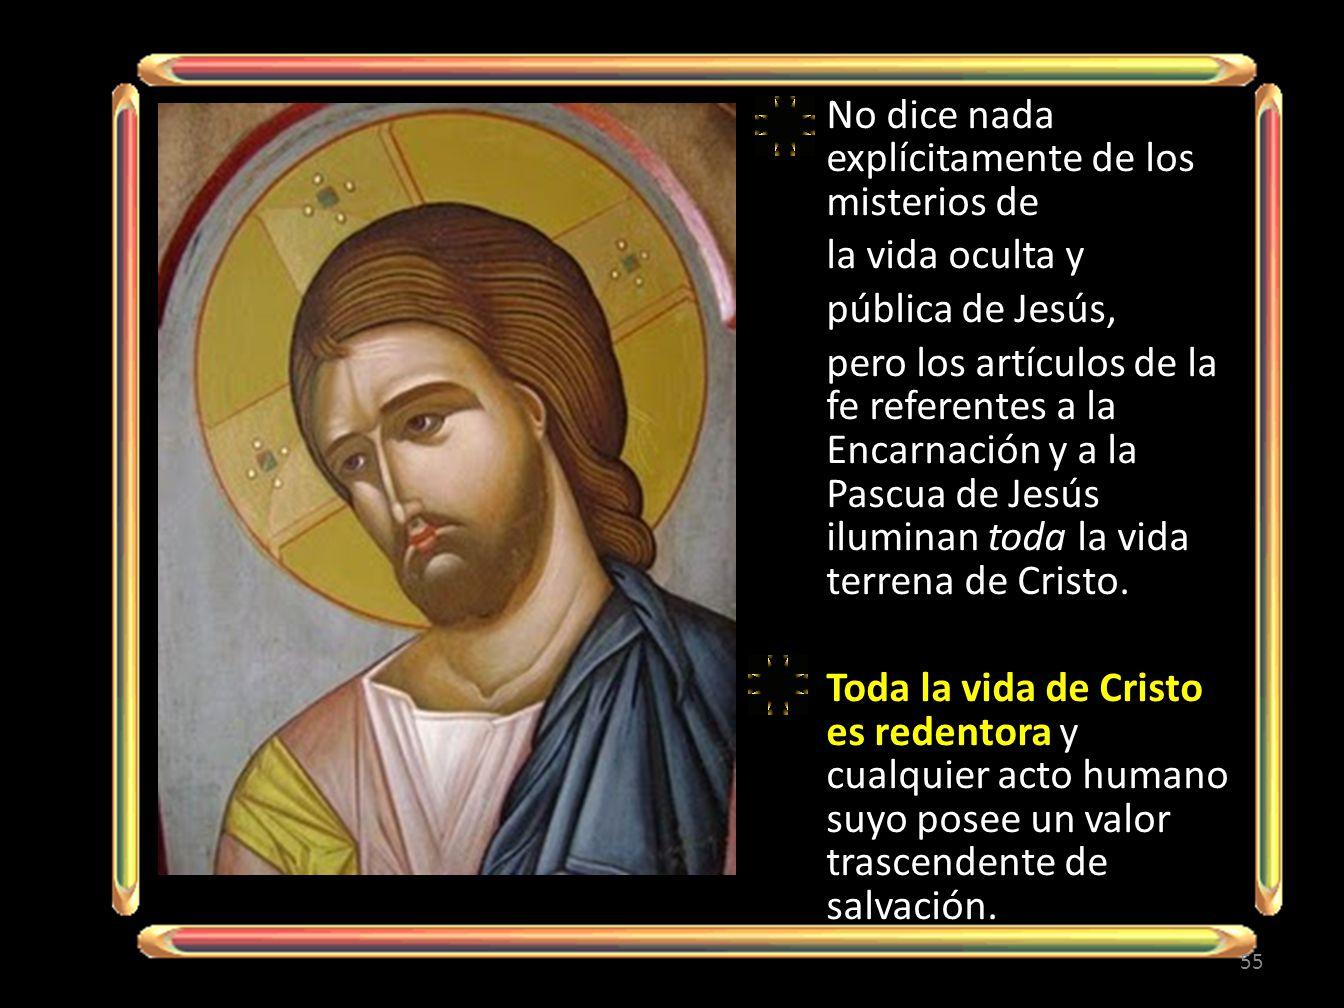 No dice nada explícitamente de los misterios de la vida oculta y pública de Jesús, pero los artículos de la fe referentes a la Encarnación y a la Pascua de Jesús iluminan toda la vida terrena de Cristo.